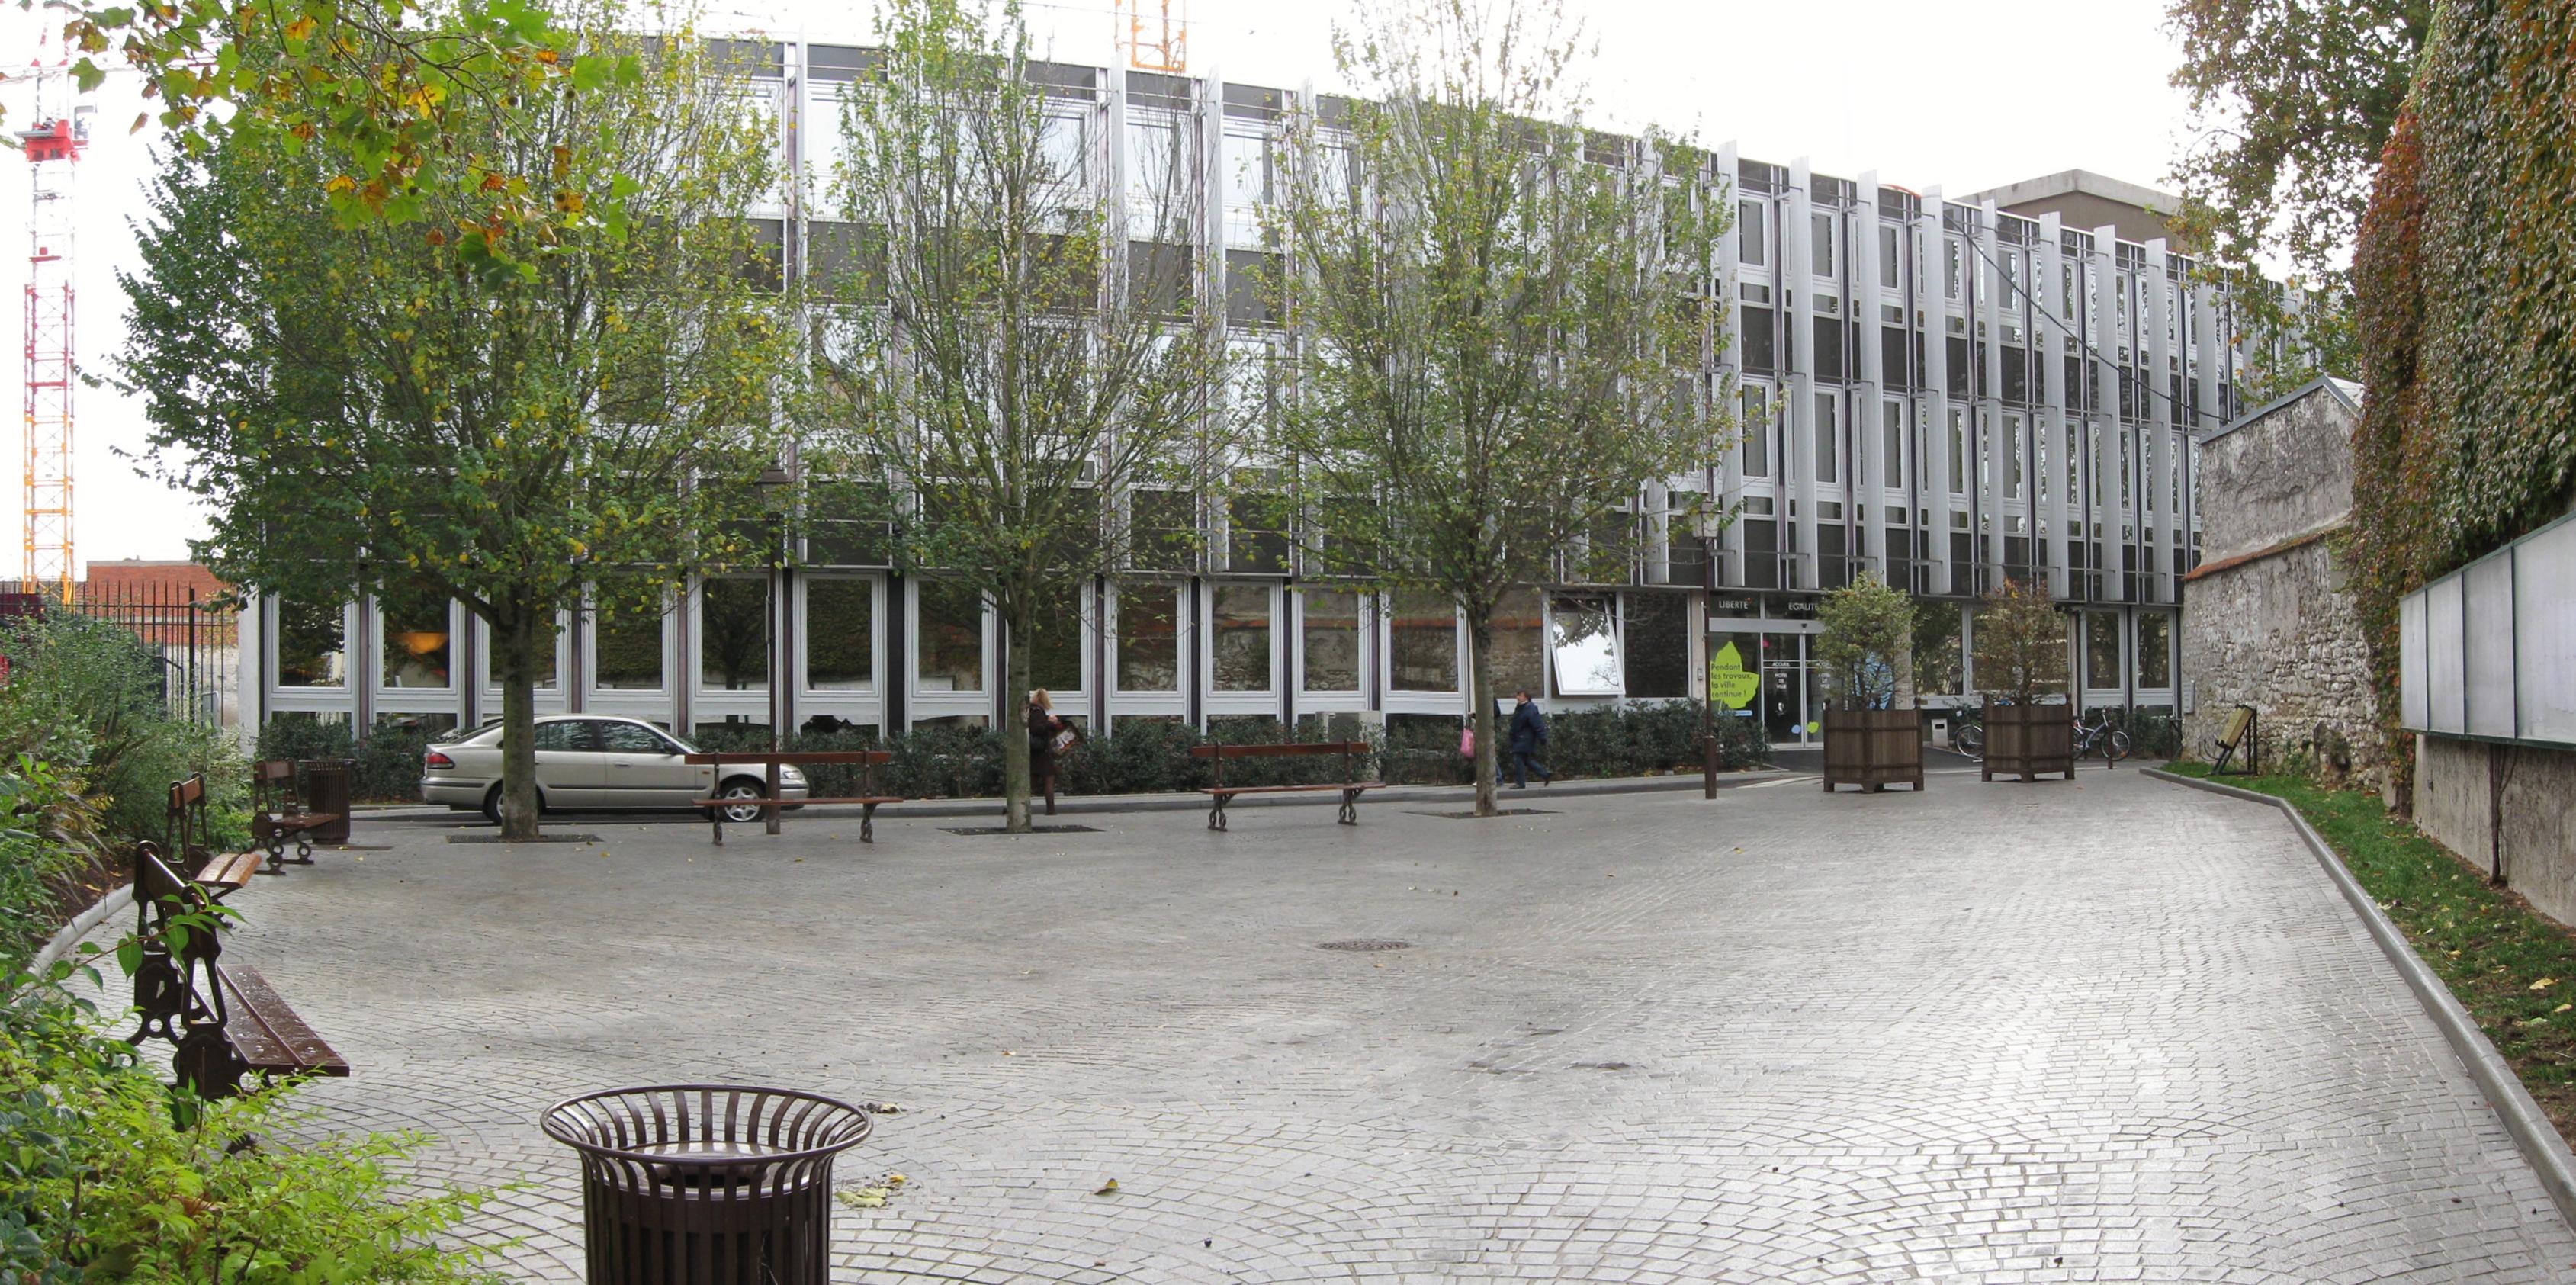 FileHotel de ville mantes la jolie 2009png — Wikimedia Commons